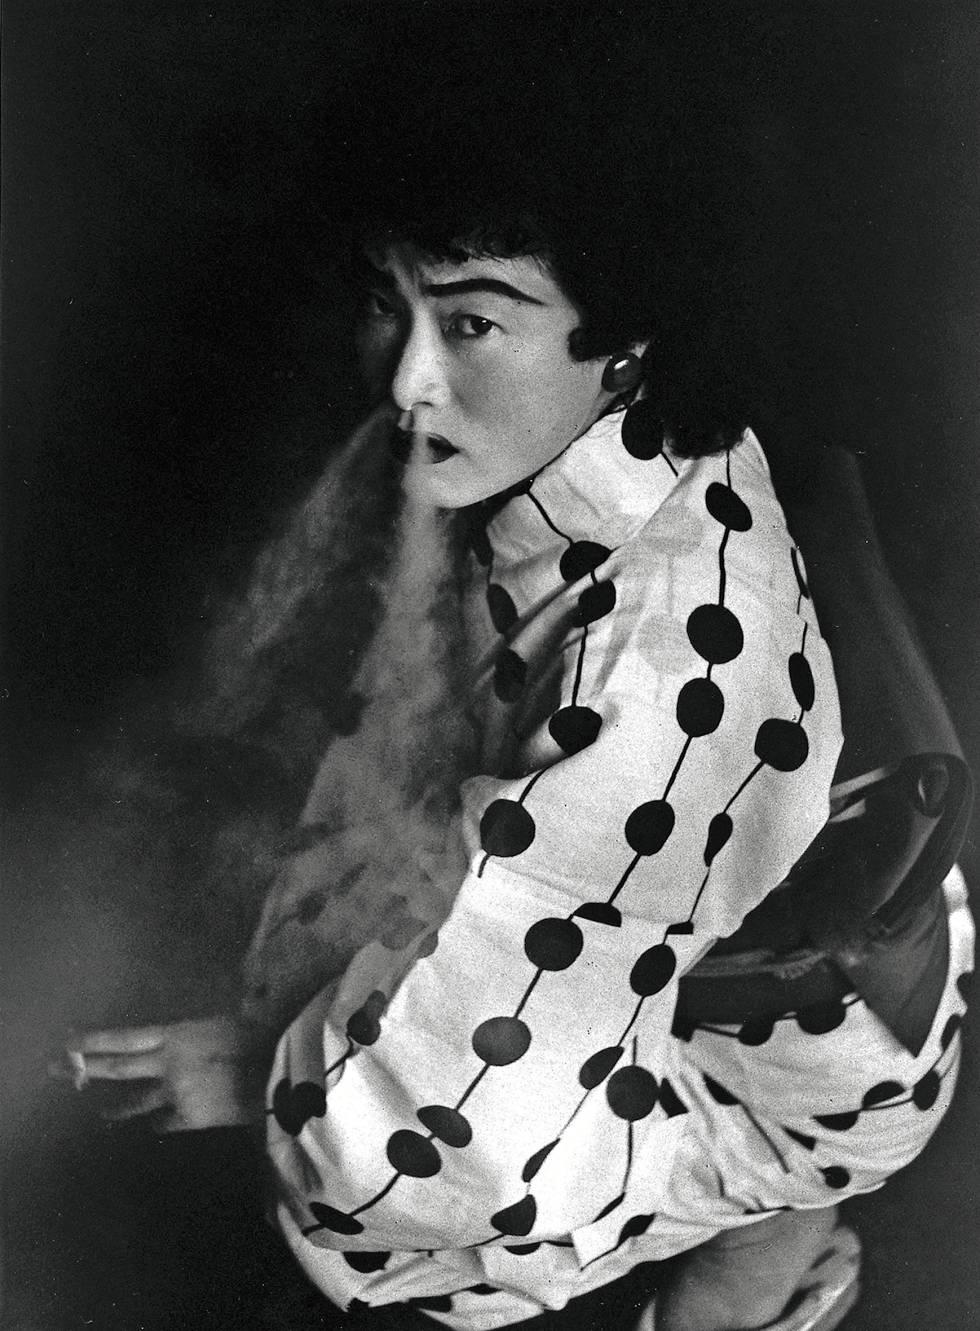 Prostituta, Nagoya, 1957